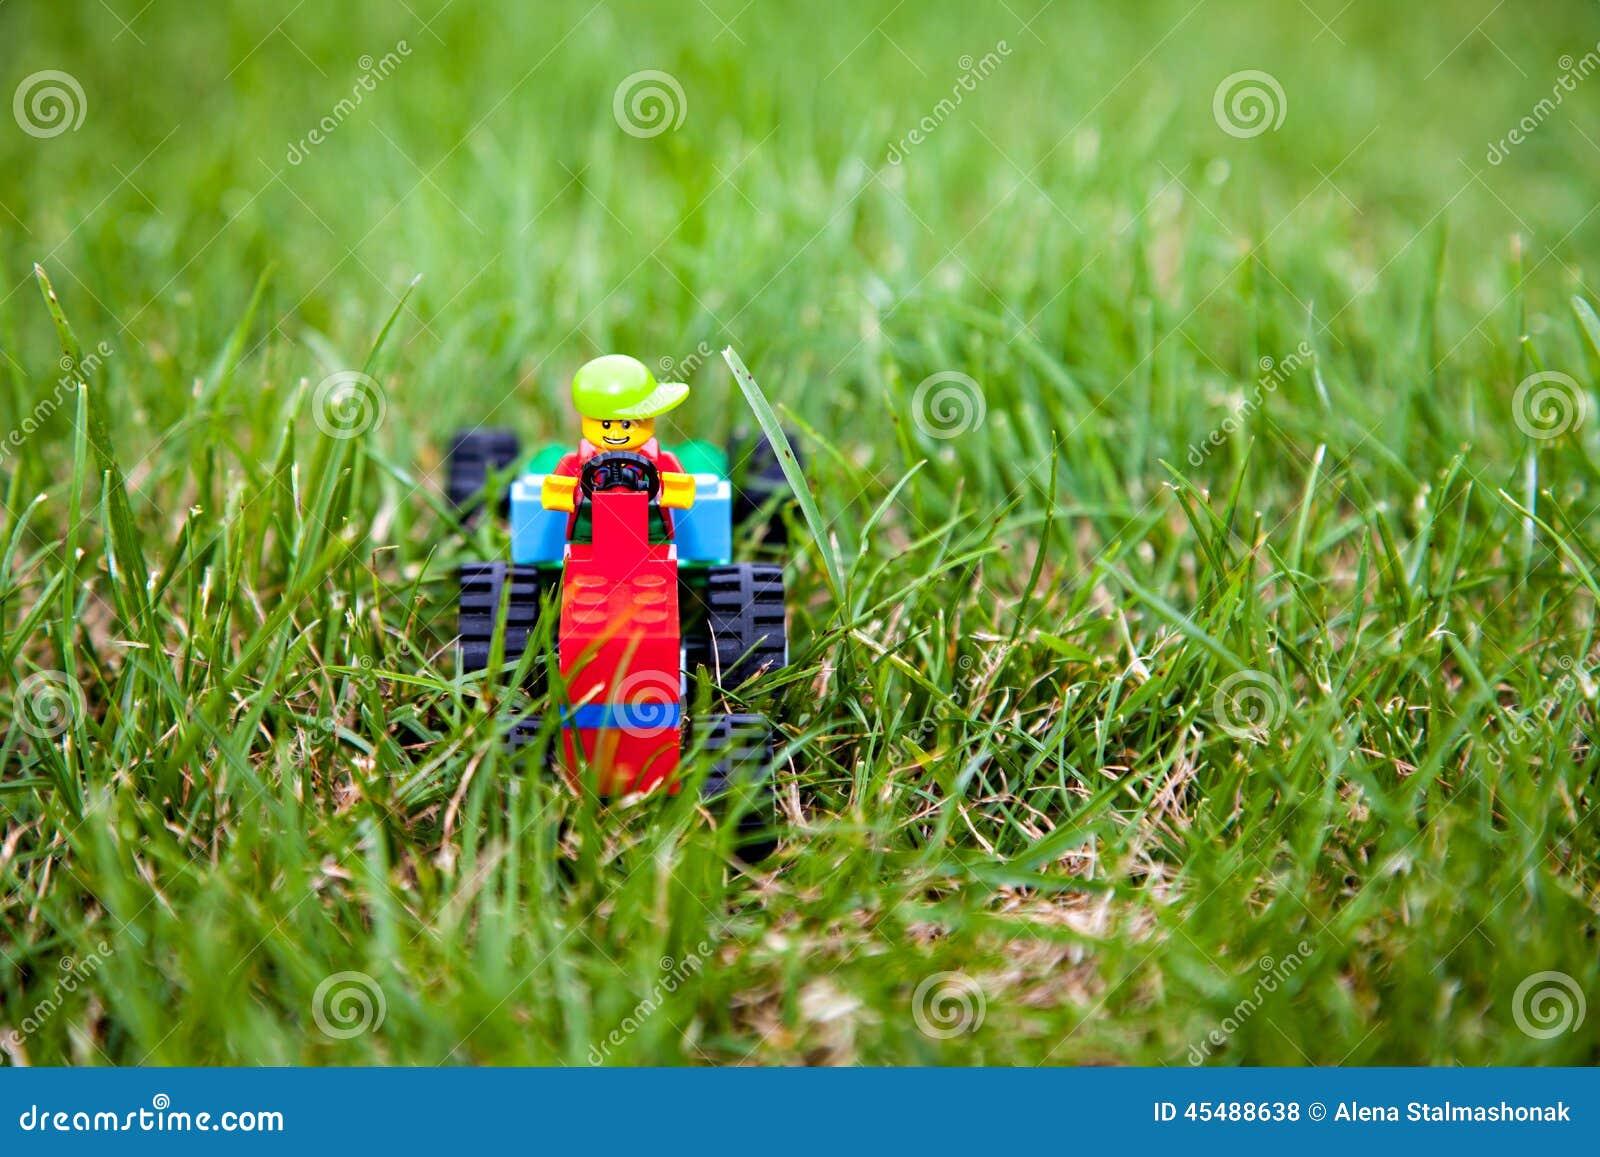 有lego司机的玩具lego拖拉机